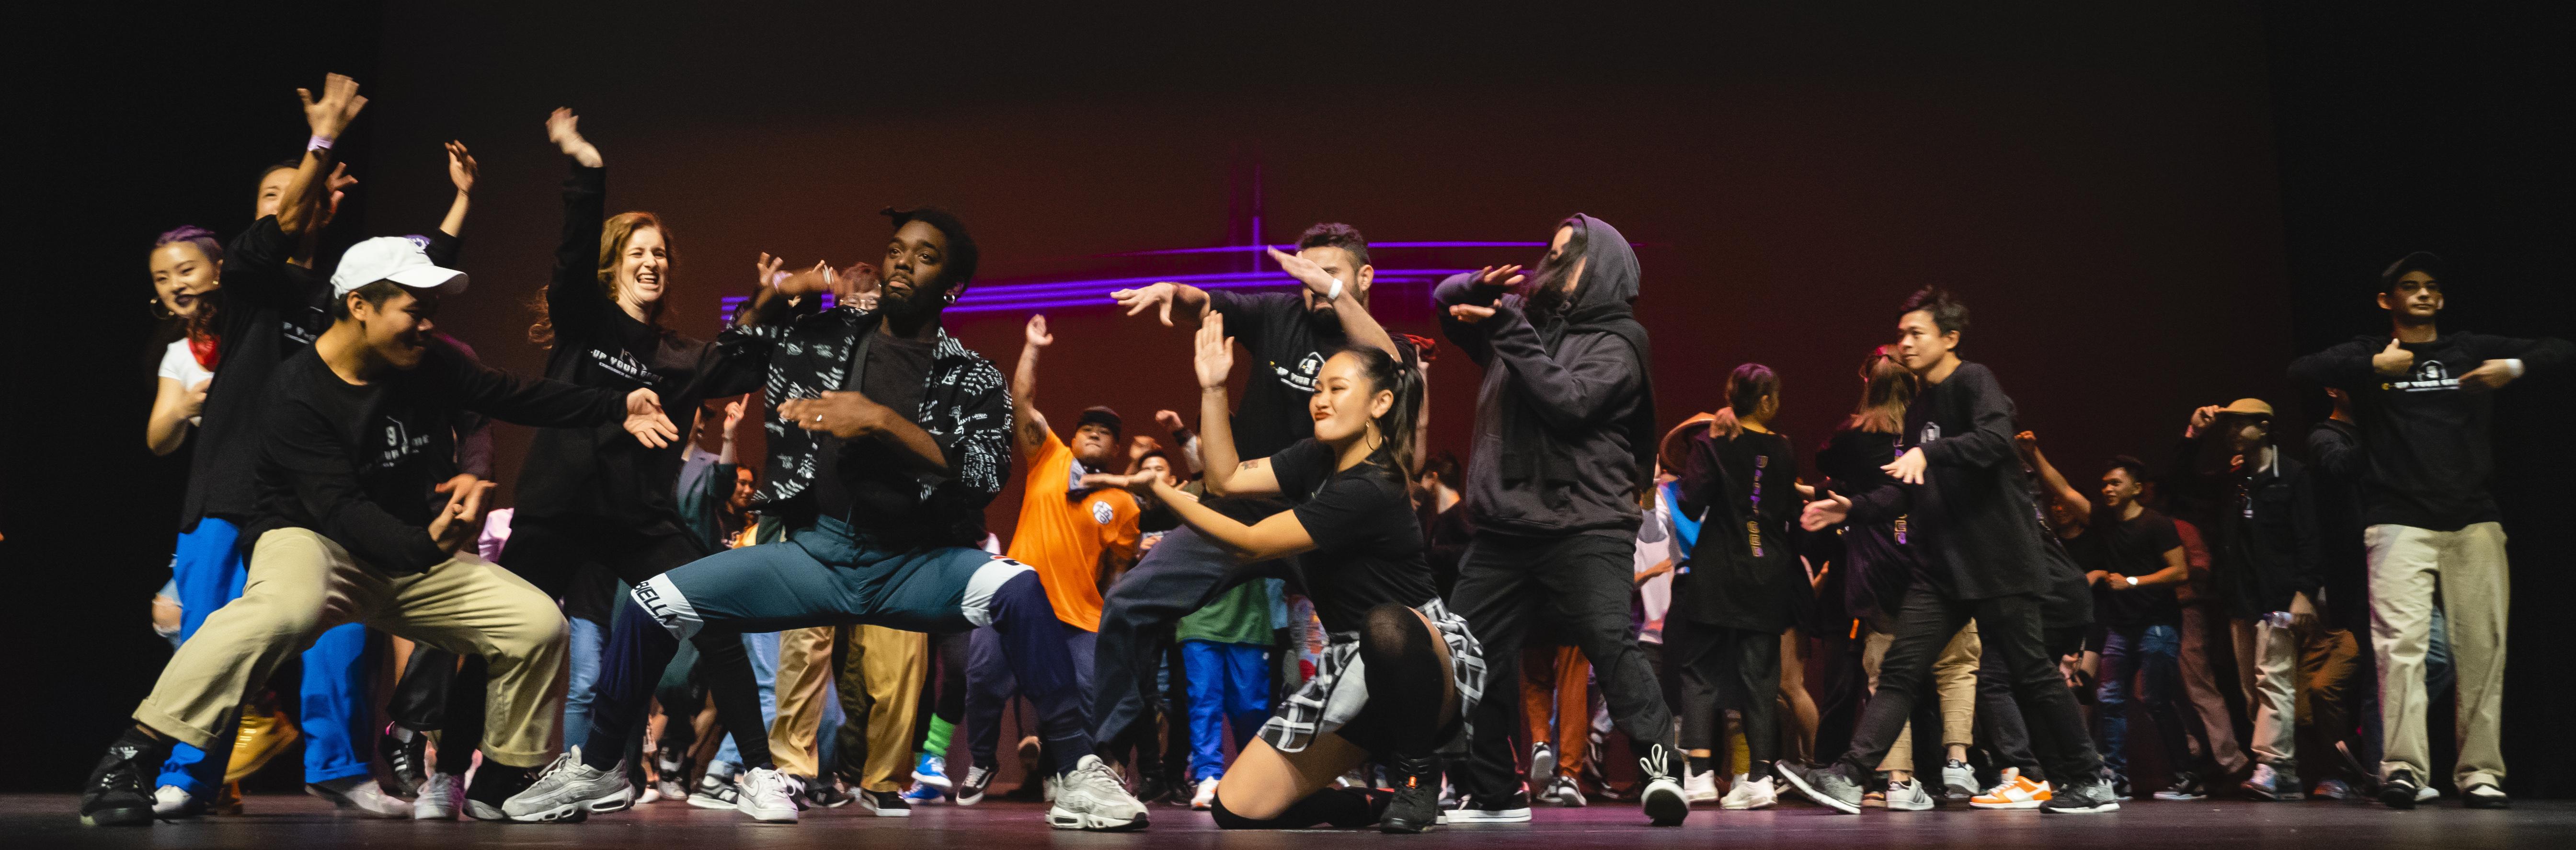 Hip Hop Dance Classes In Sydney Crossover Dance Studio